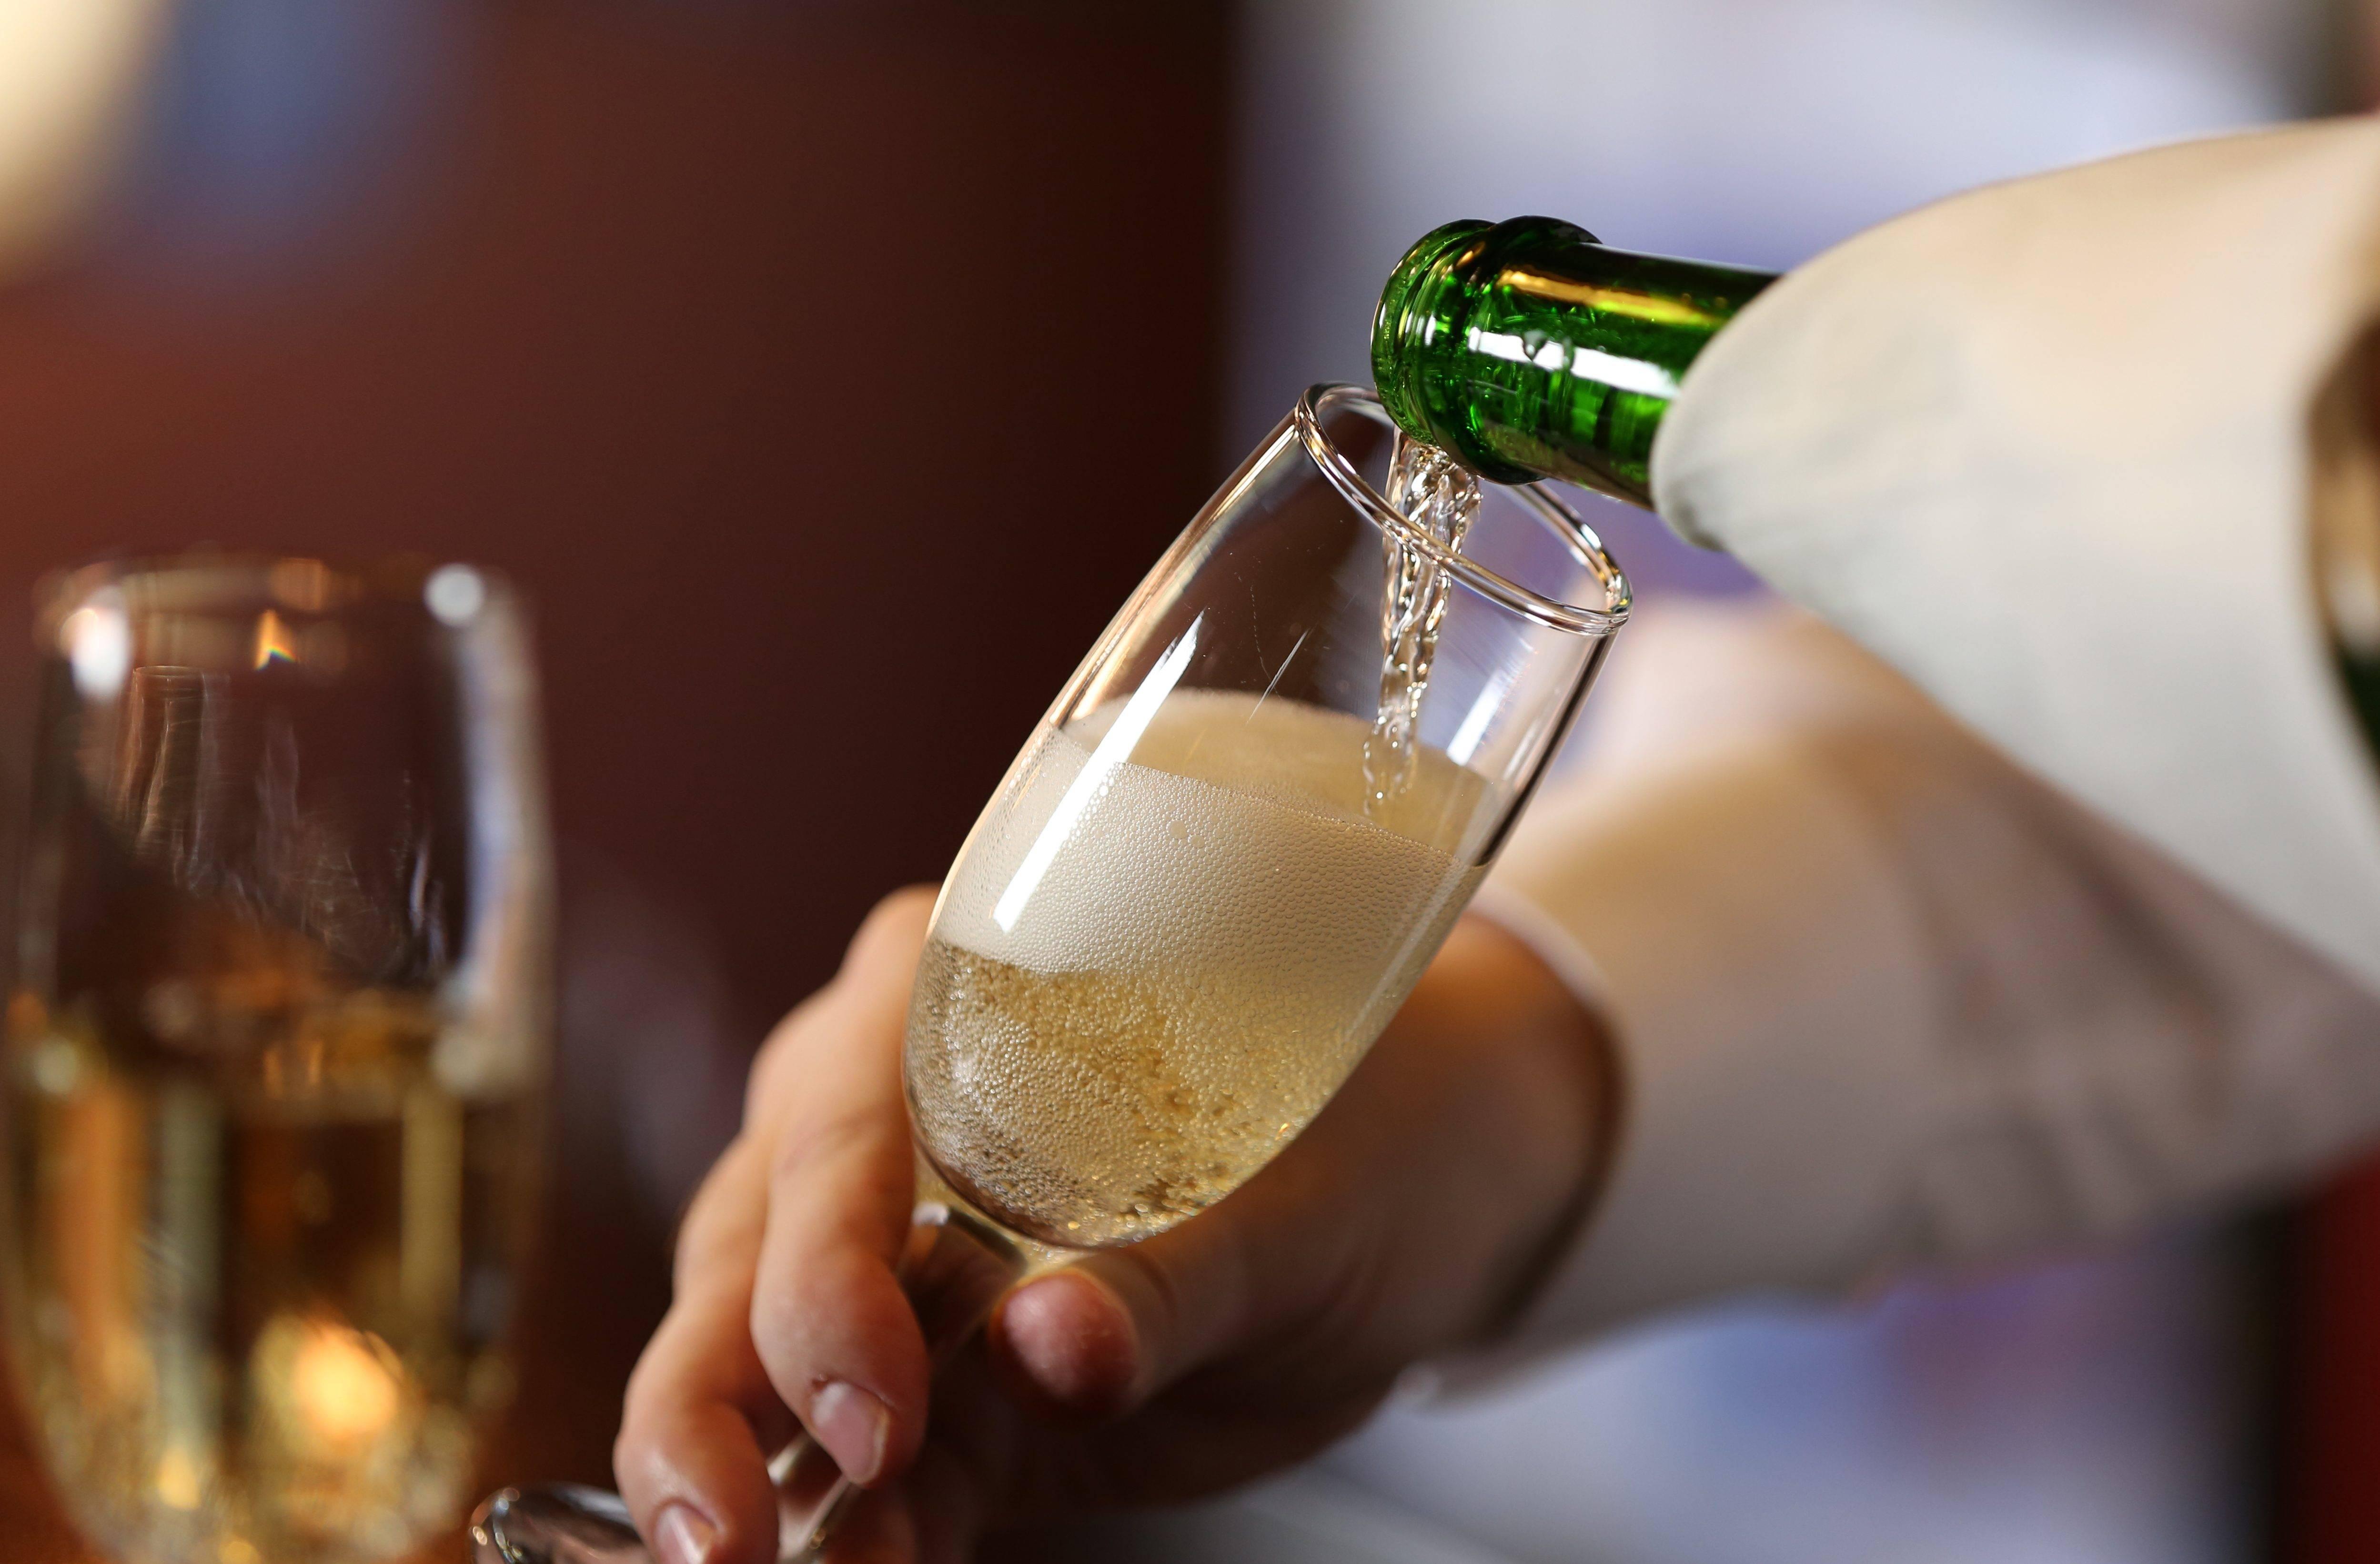 Шампанское: польза и вред, влияние на организм